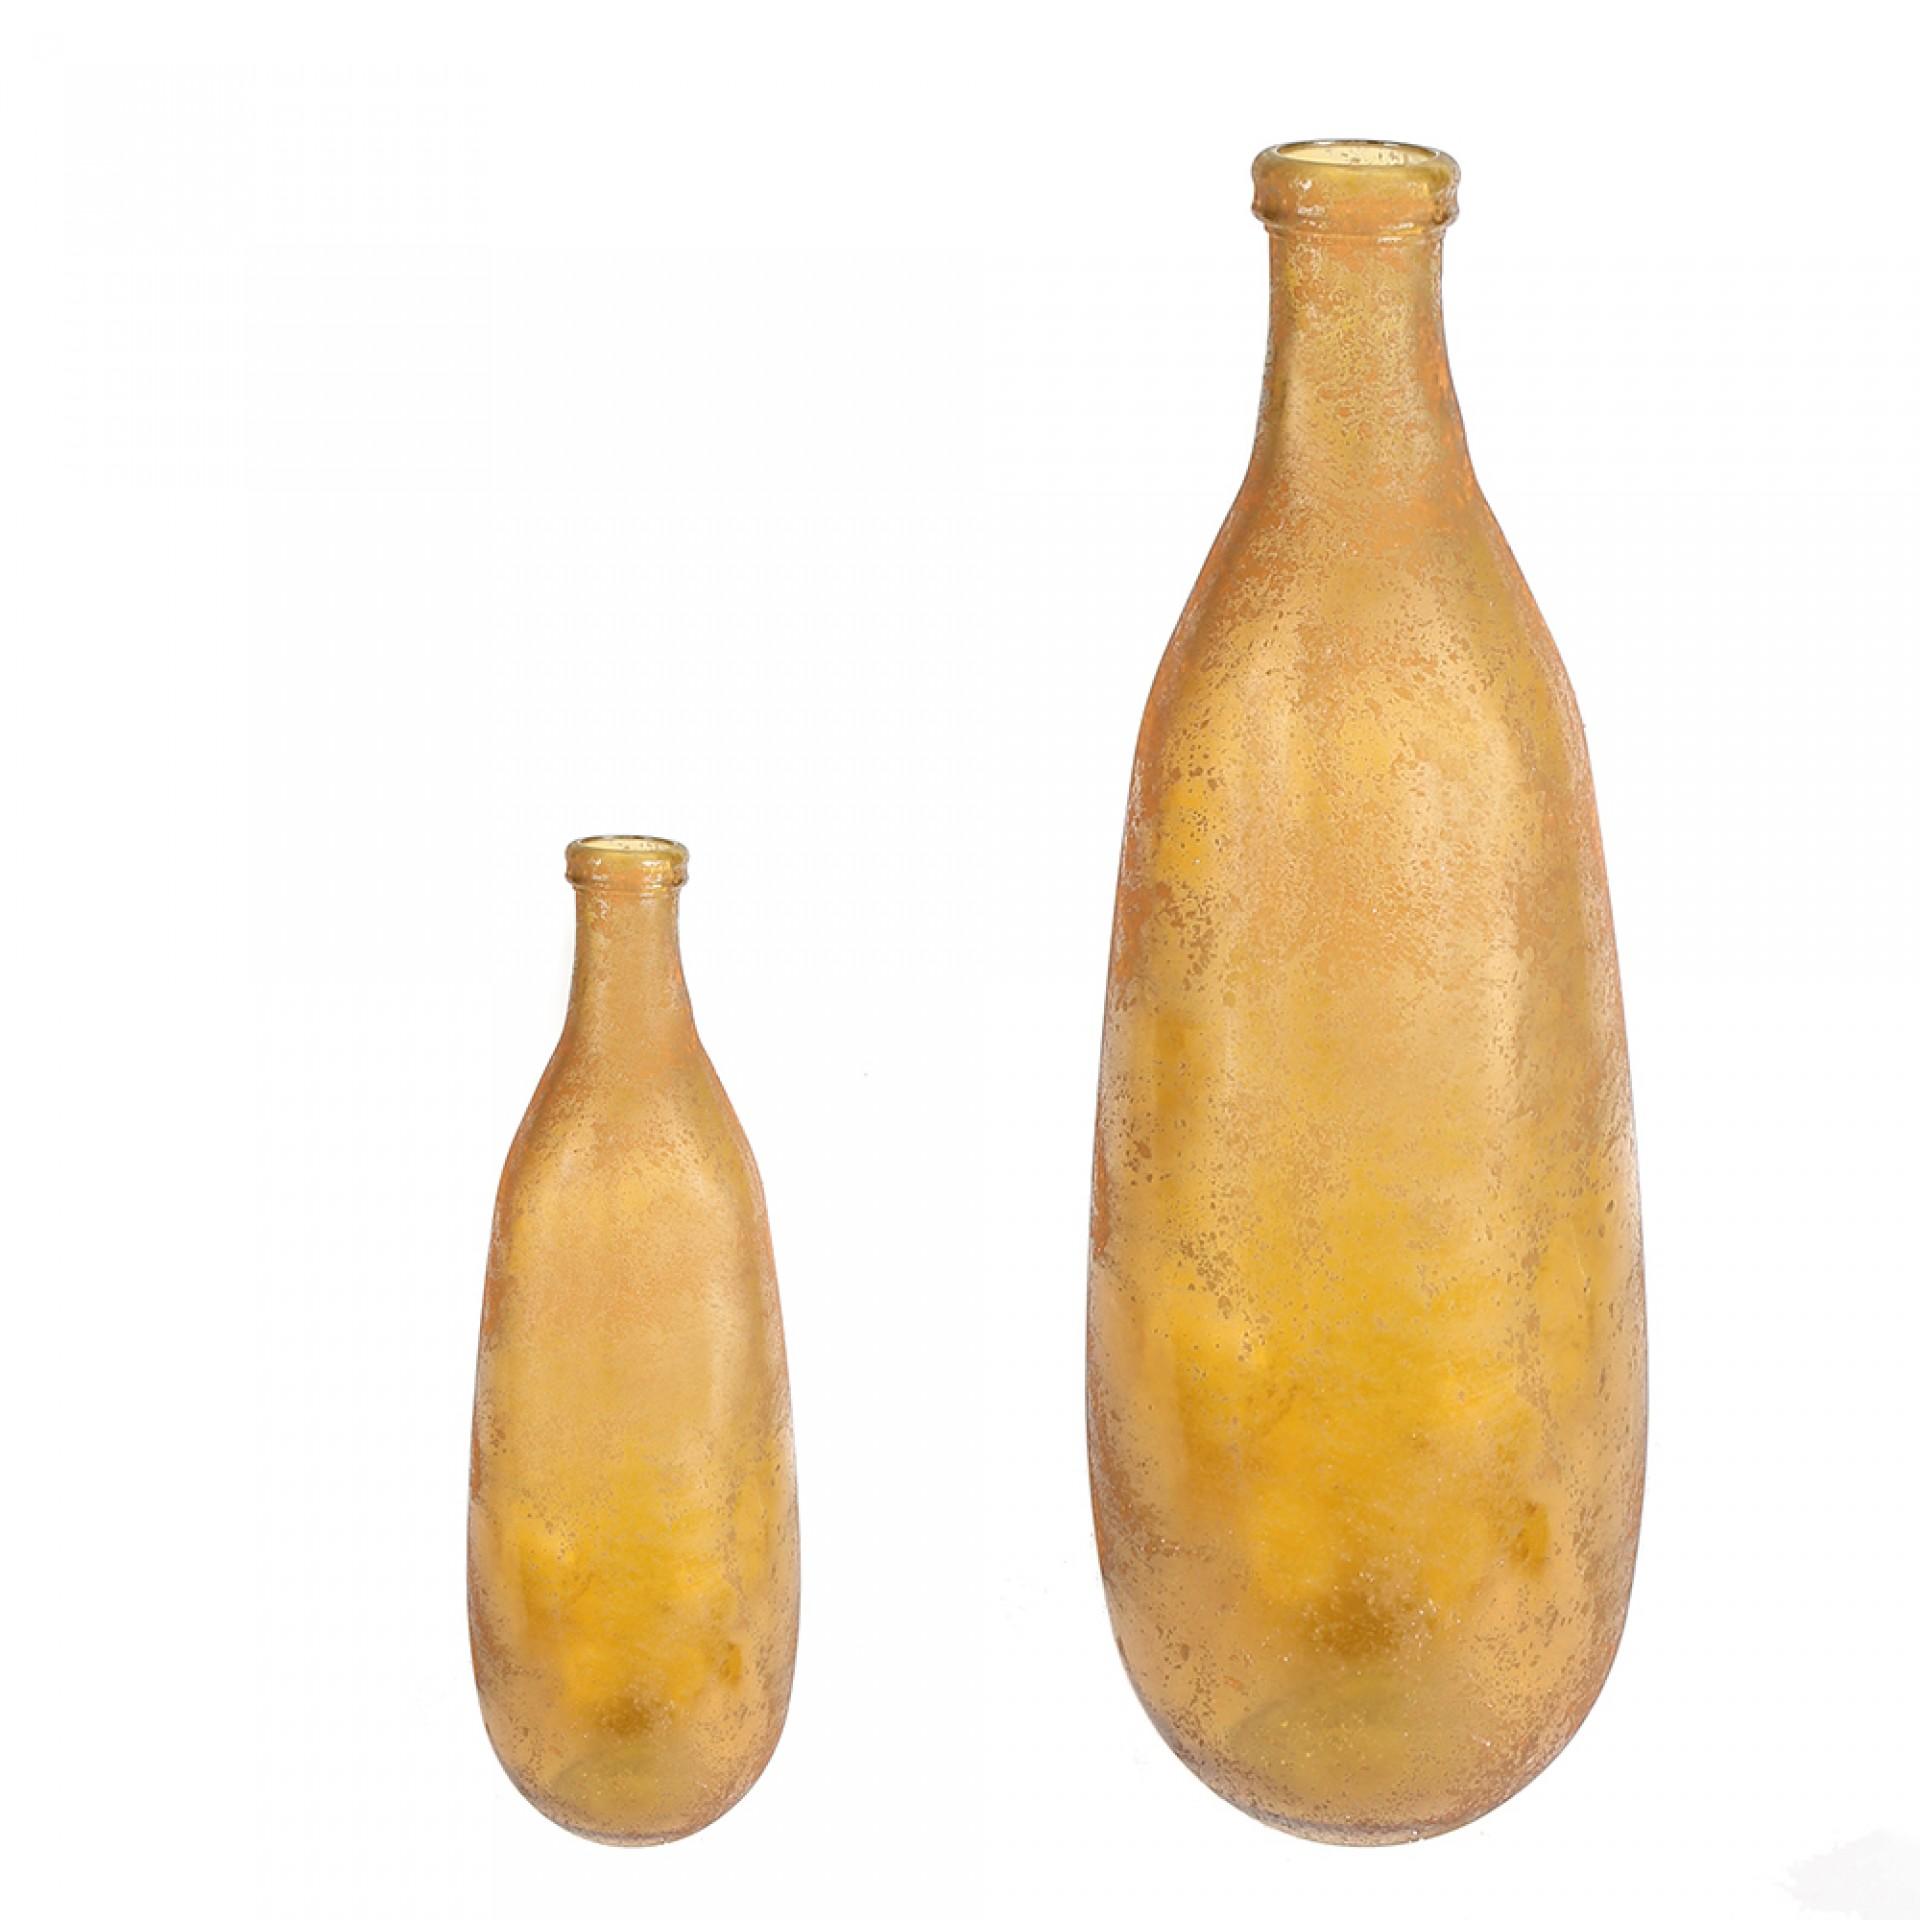 Váza z recyklovaného skla Schiras, 41 cm, curry